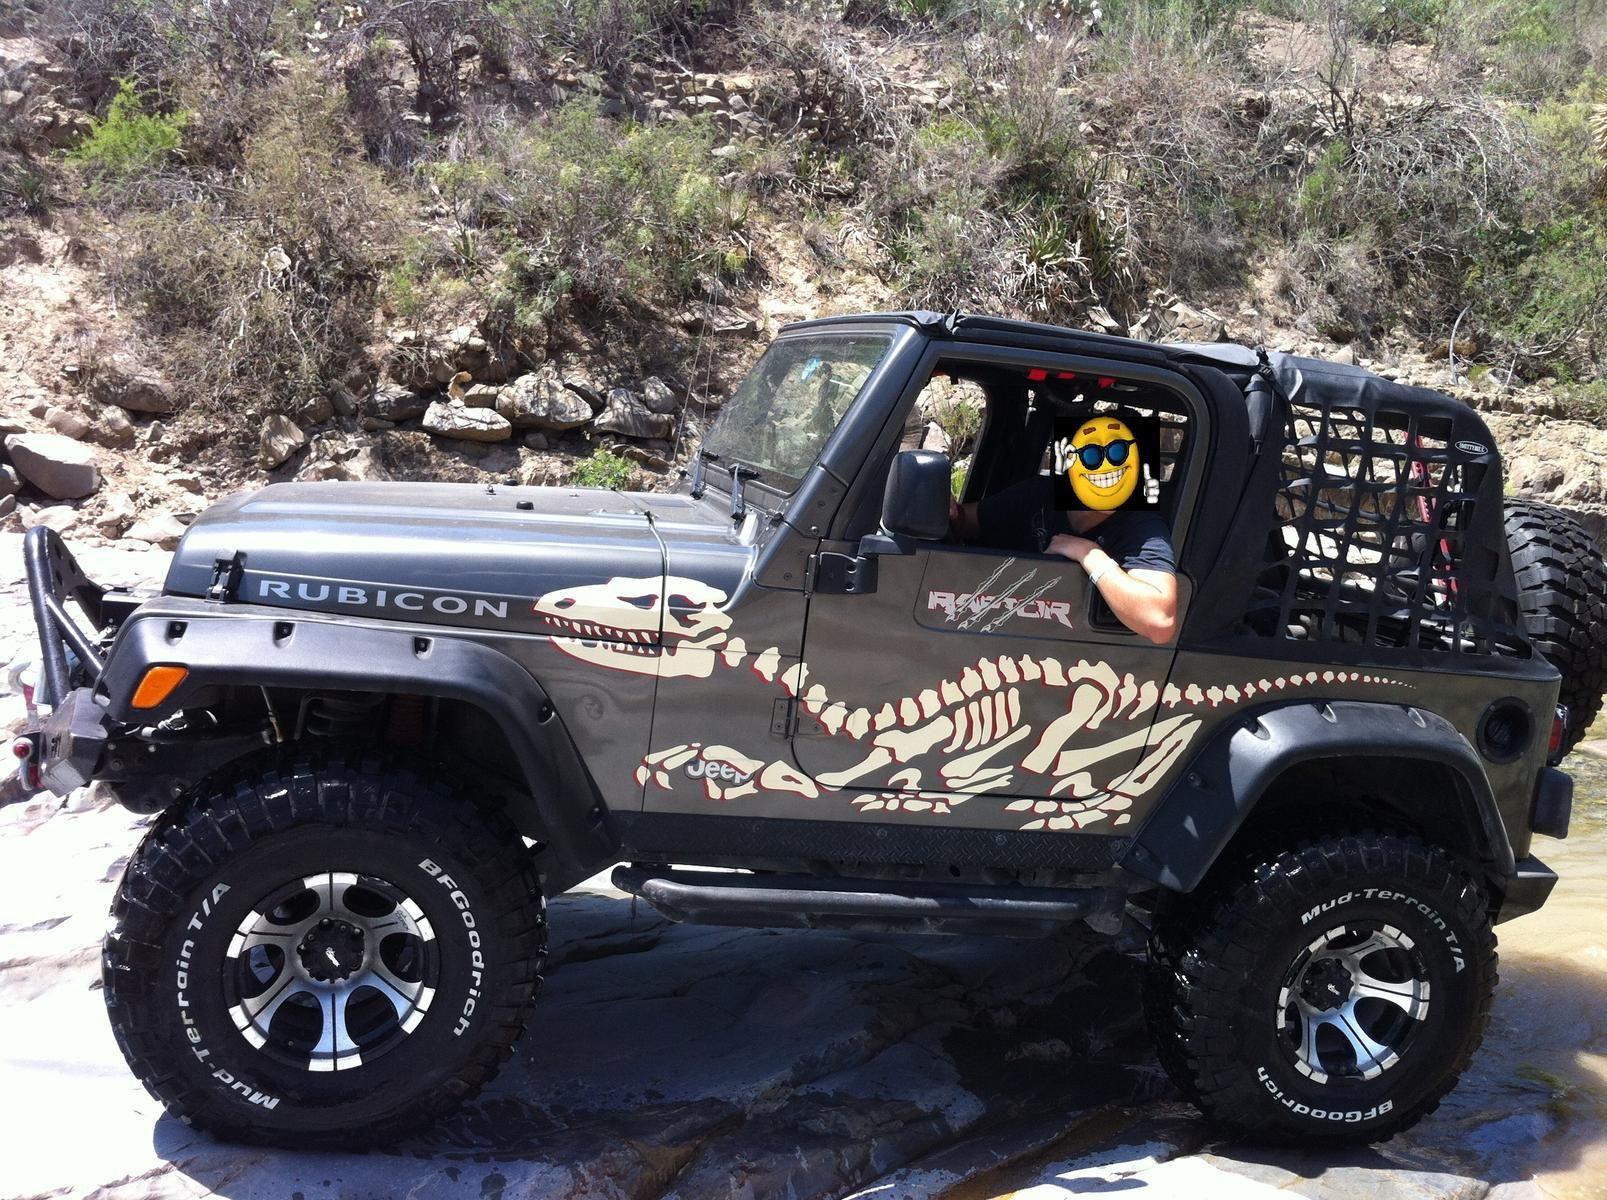 Accesorios 4x4 Jeep Images Camion Ford Carros Y Motos Carros Modificados